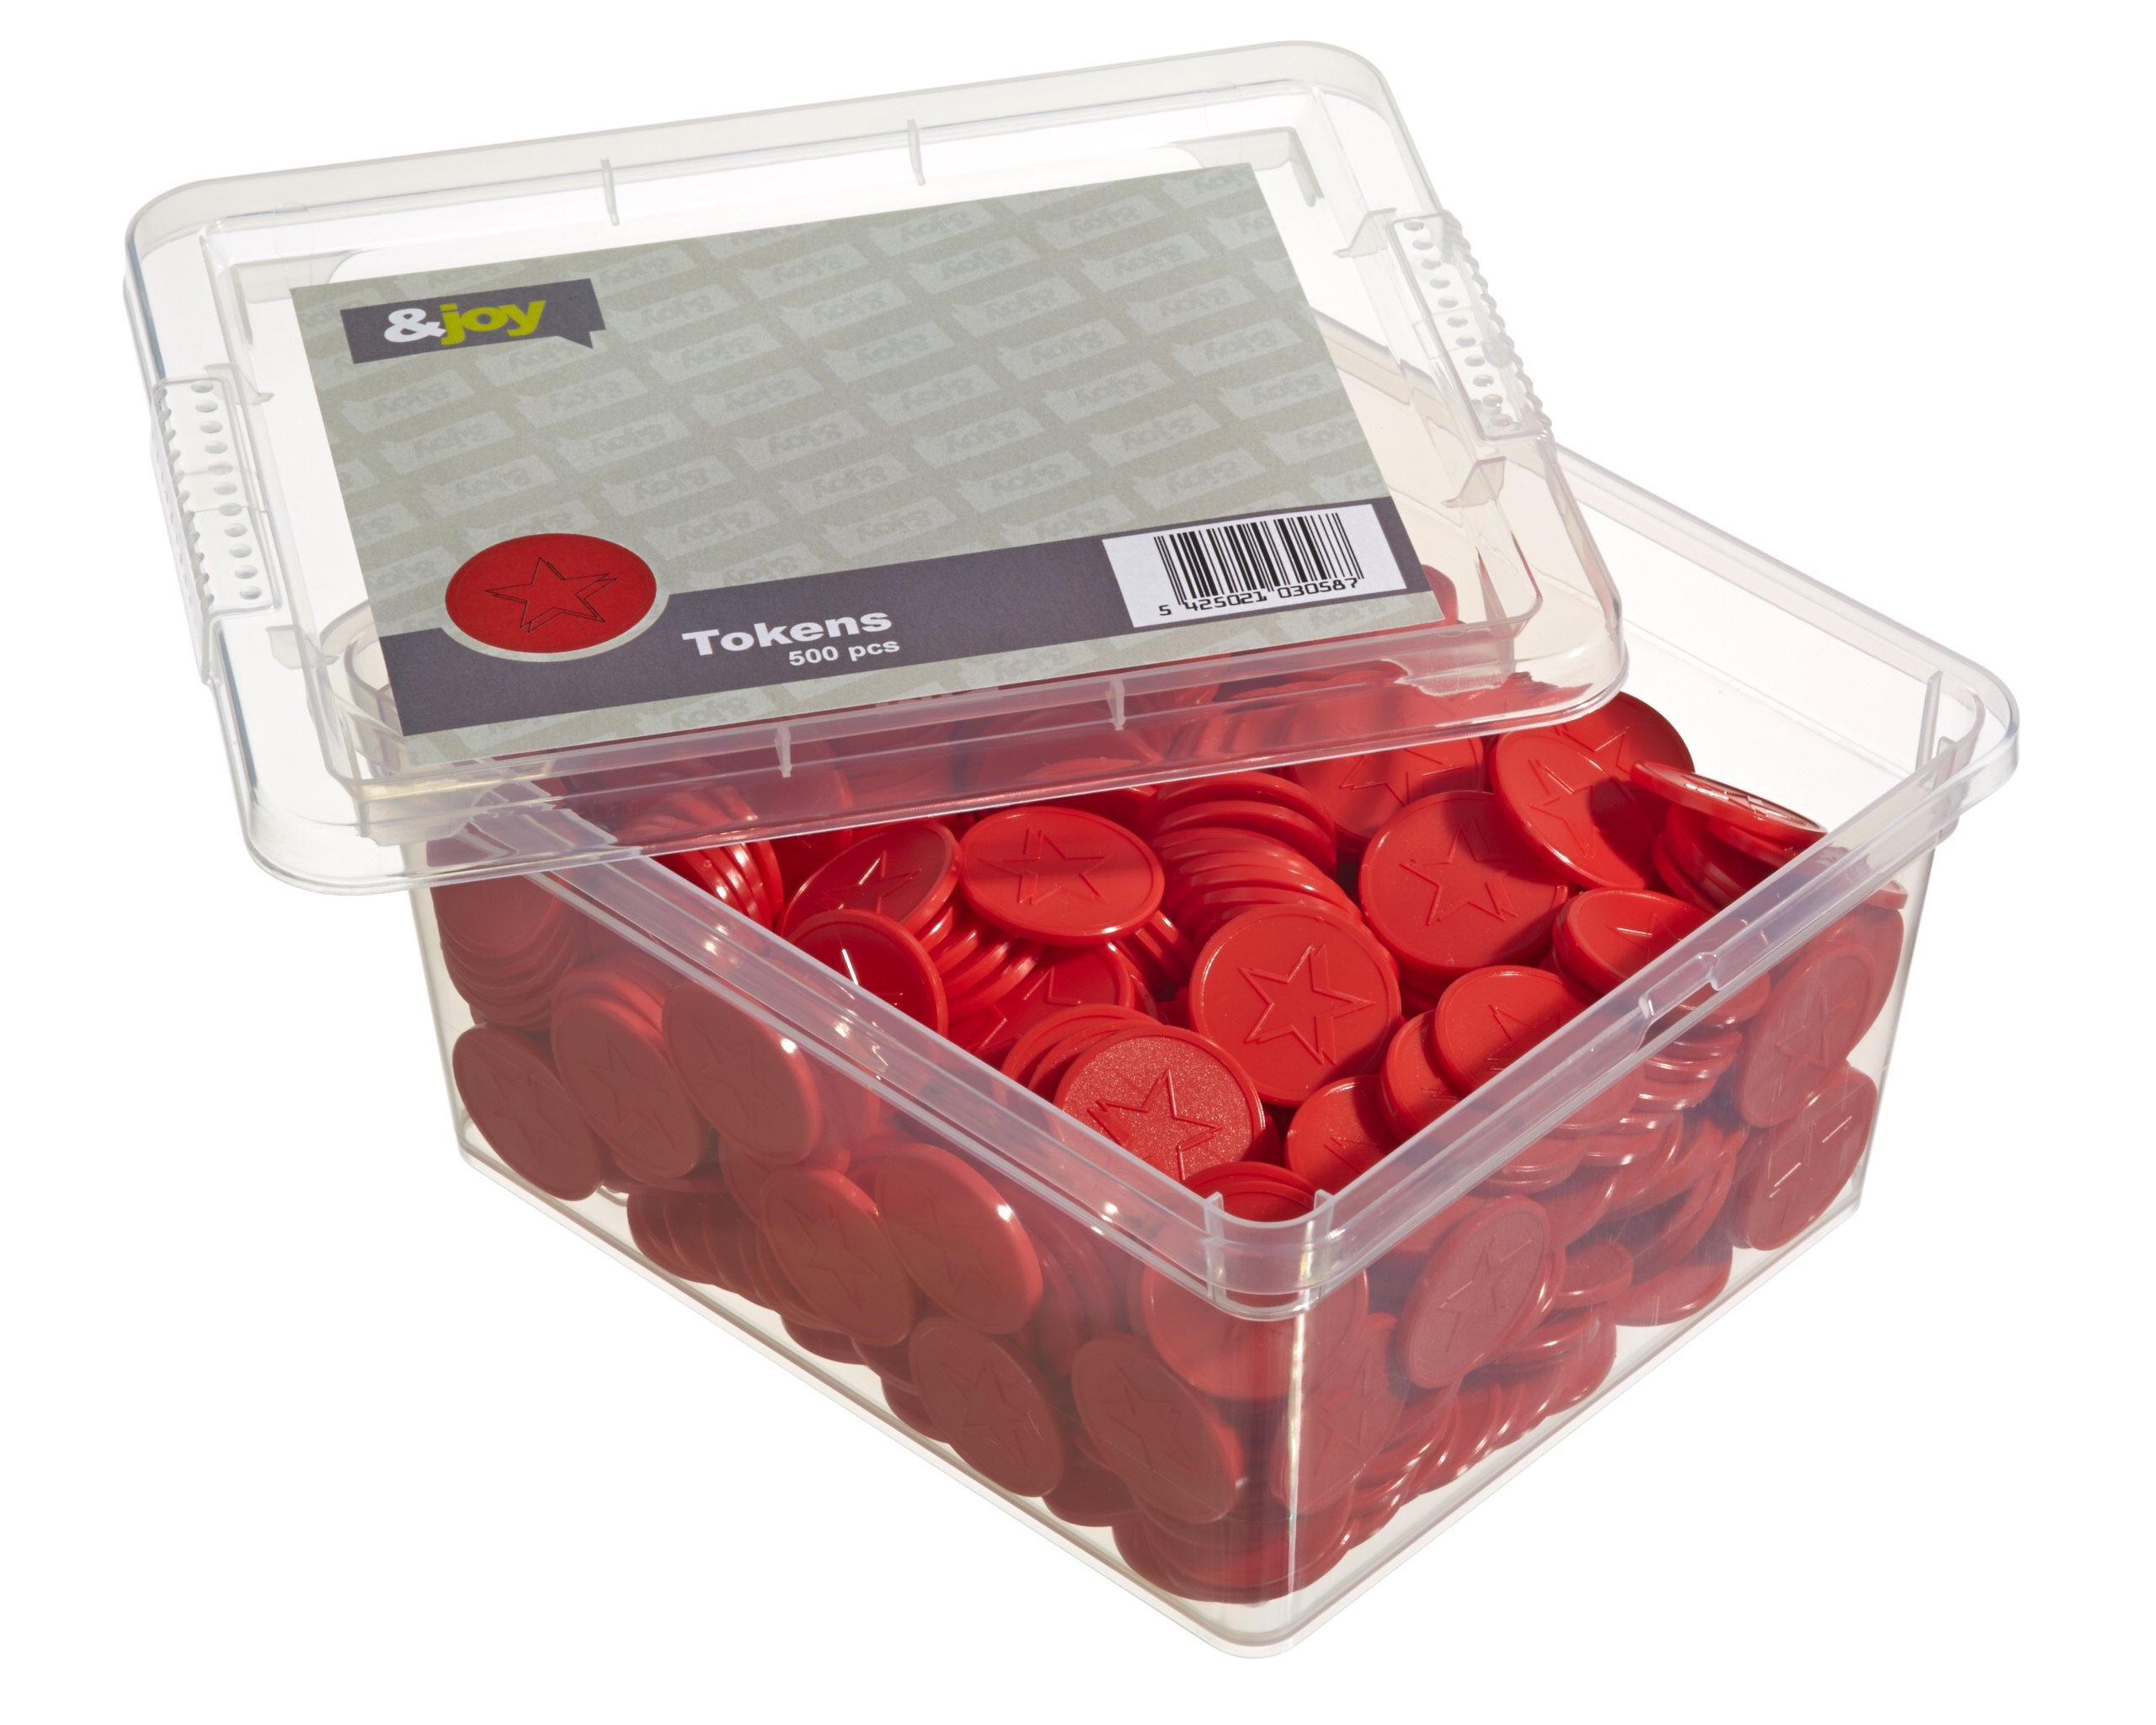 En-Joy embossed plastic tokens red star - 500 coins - 29 mm by Enjoy